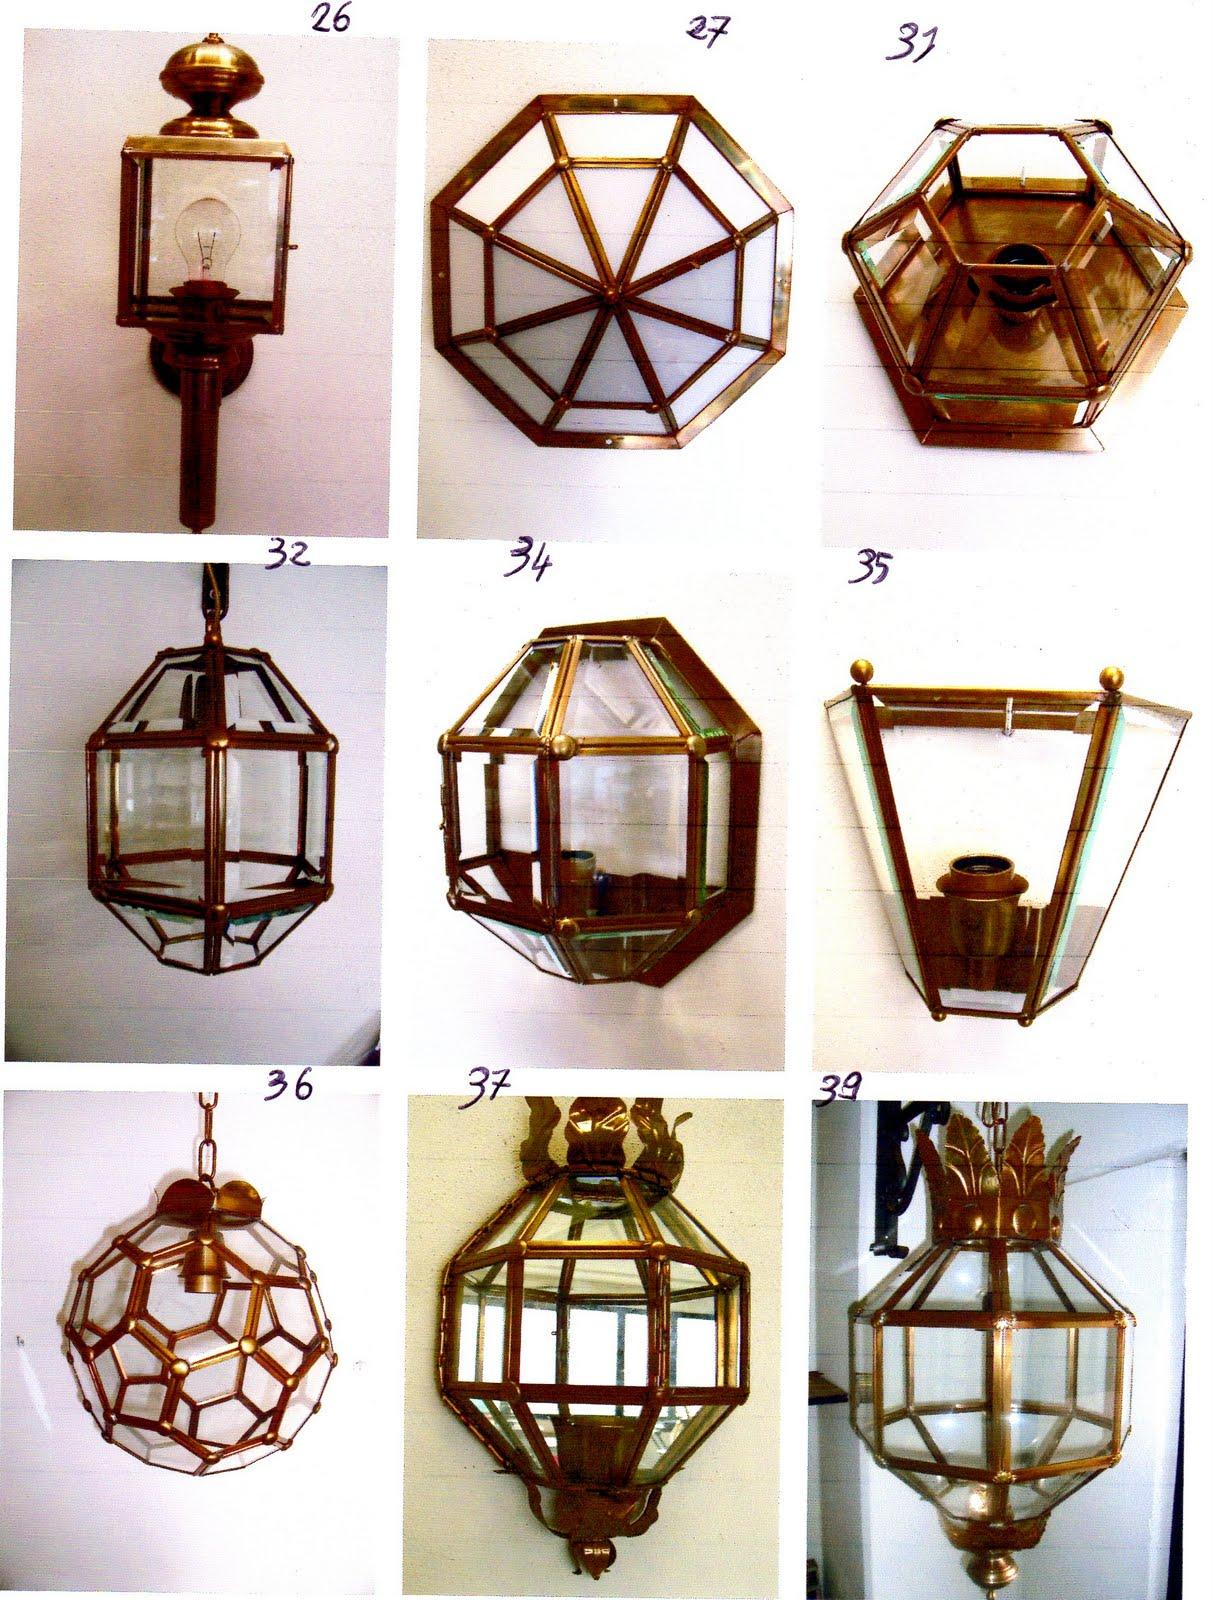 Ditta brogani maurizio lavori in ferro battuto e restauri in ferro ottone ghisa e alpacca - Lampadari da interno ...